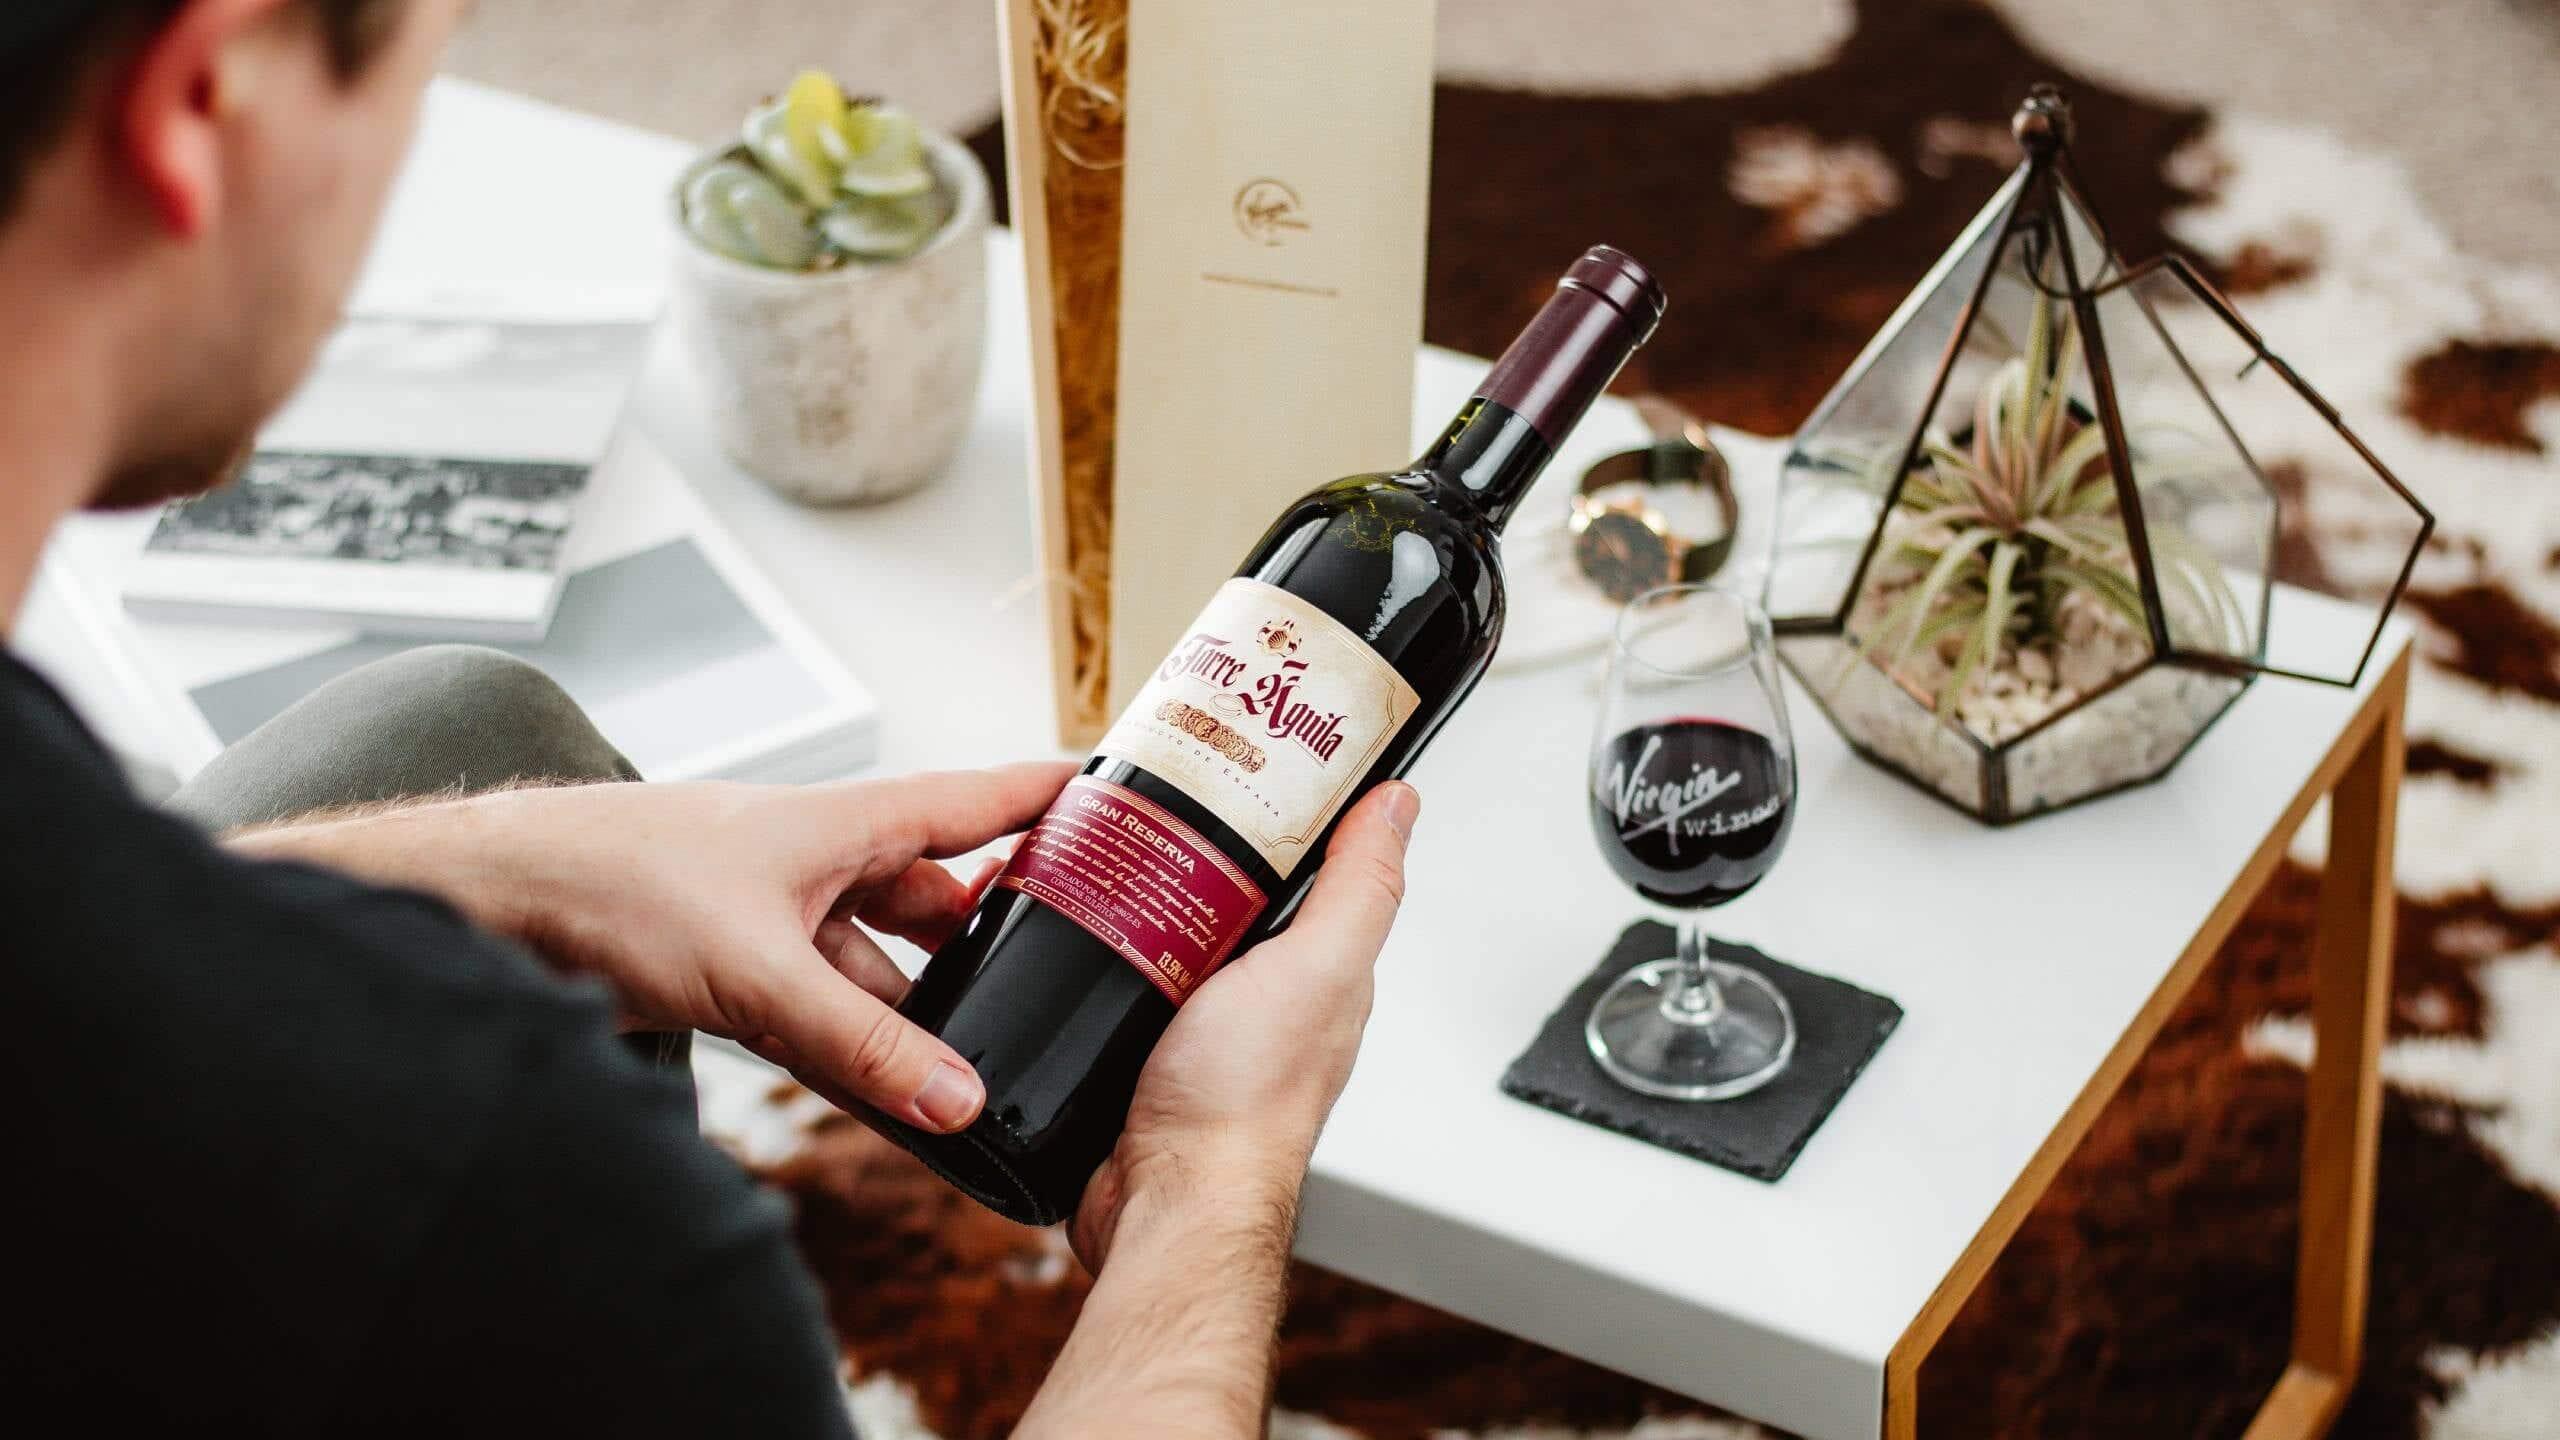 virgin-wines-corporate-gift